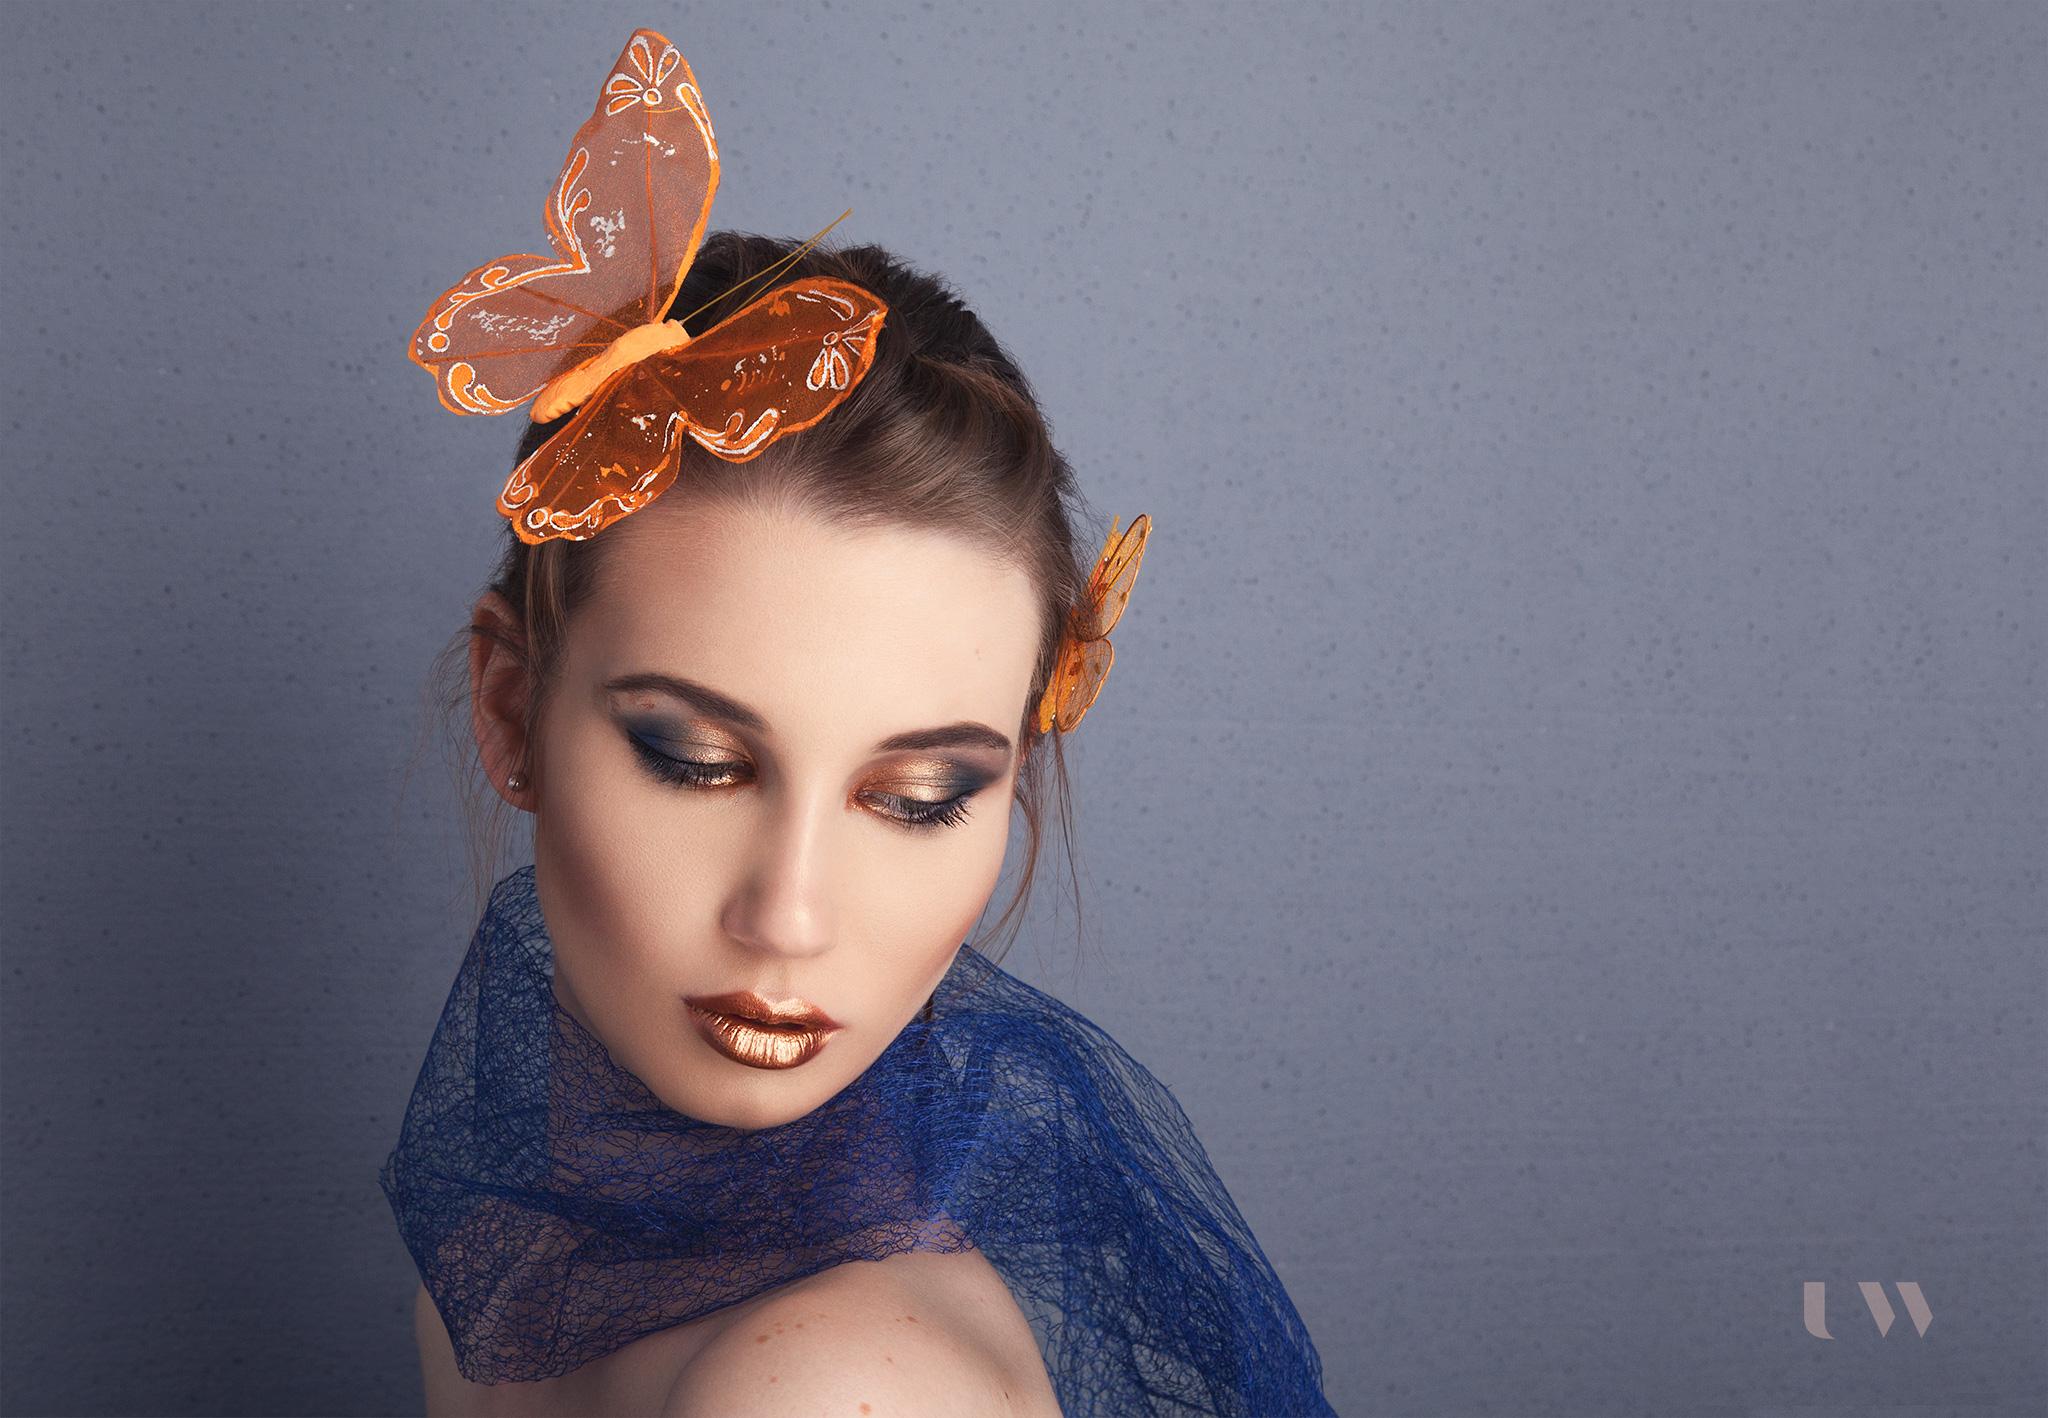 Butterfly_Zala_Zagoricnik_portrait_Ulla_Wolk_1